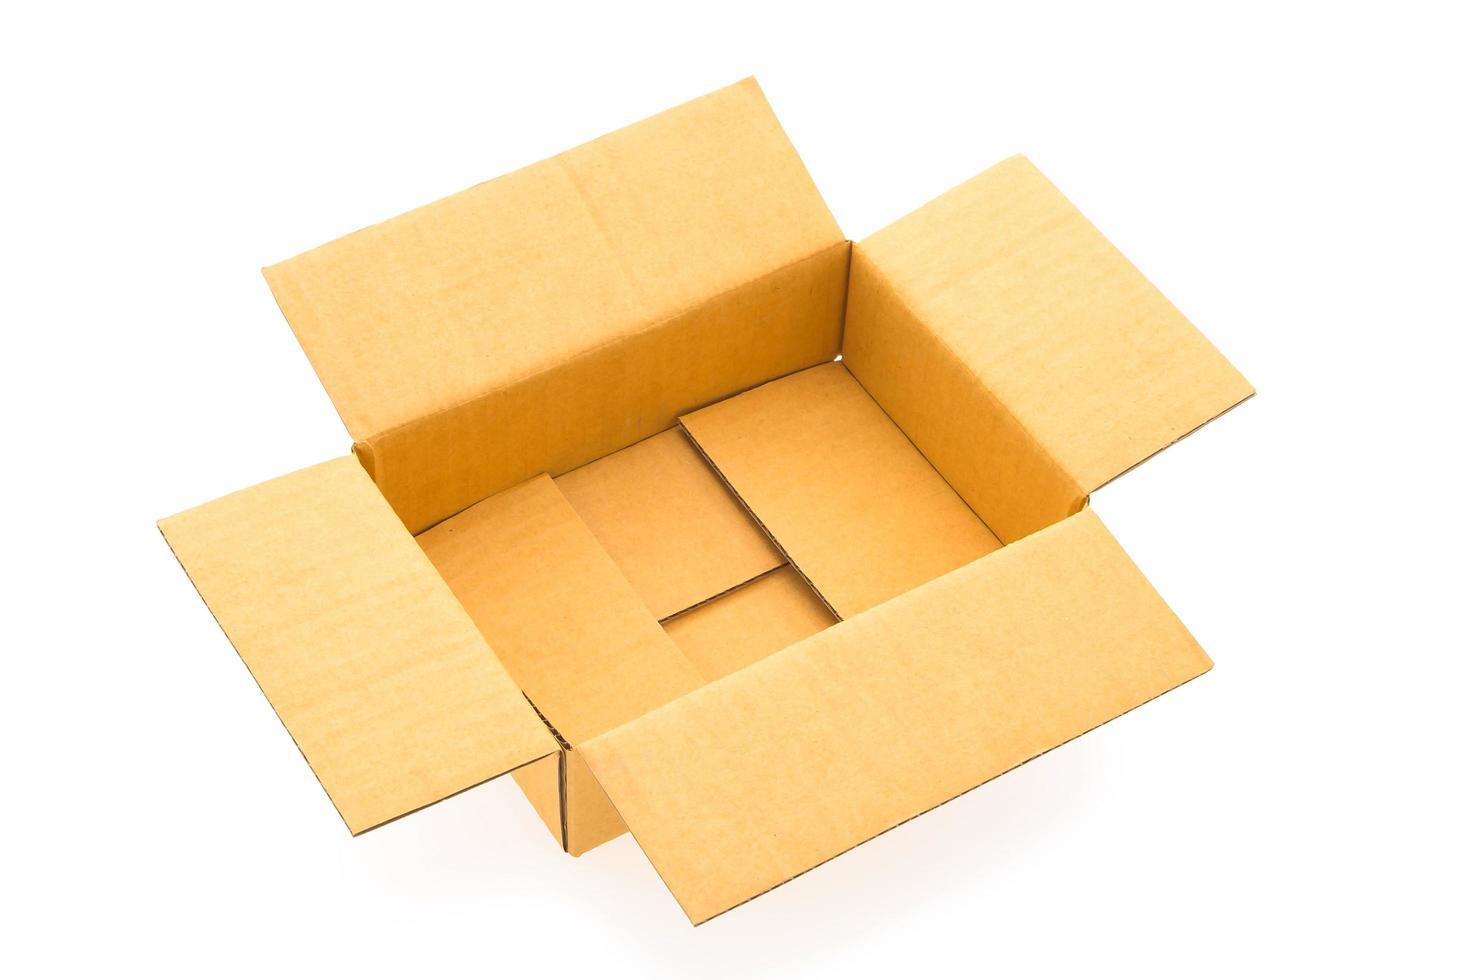 boîte de papier isolée photo